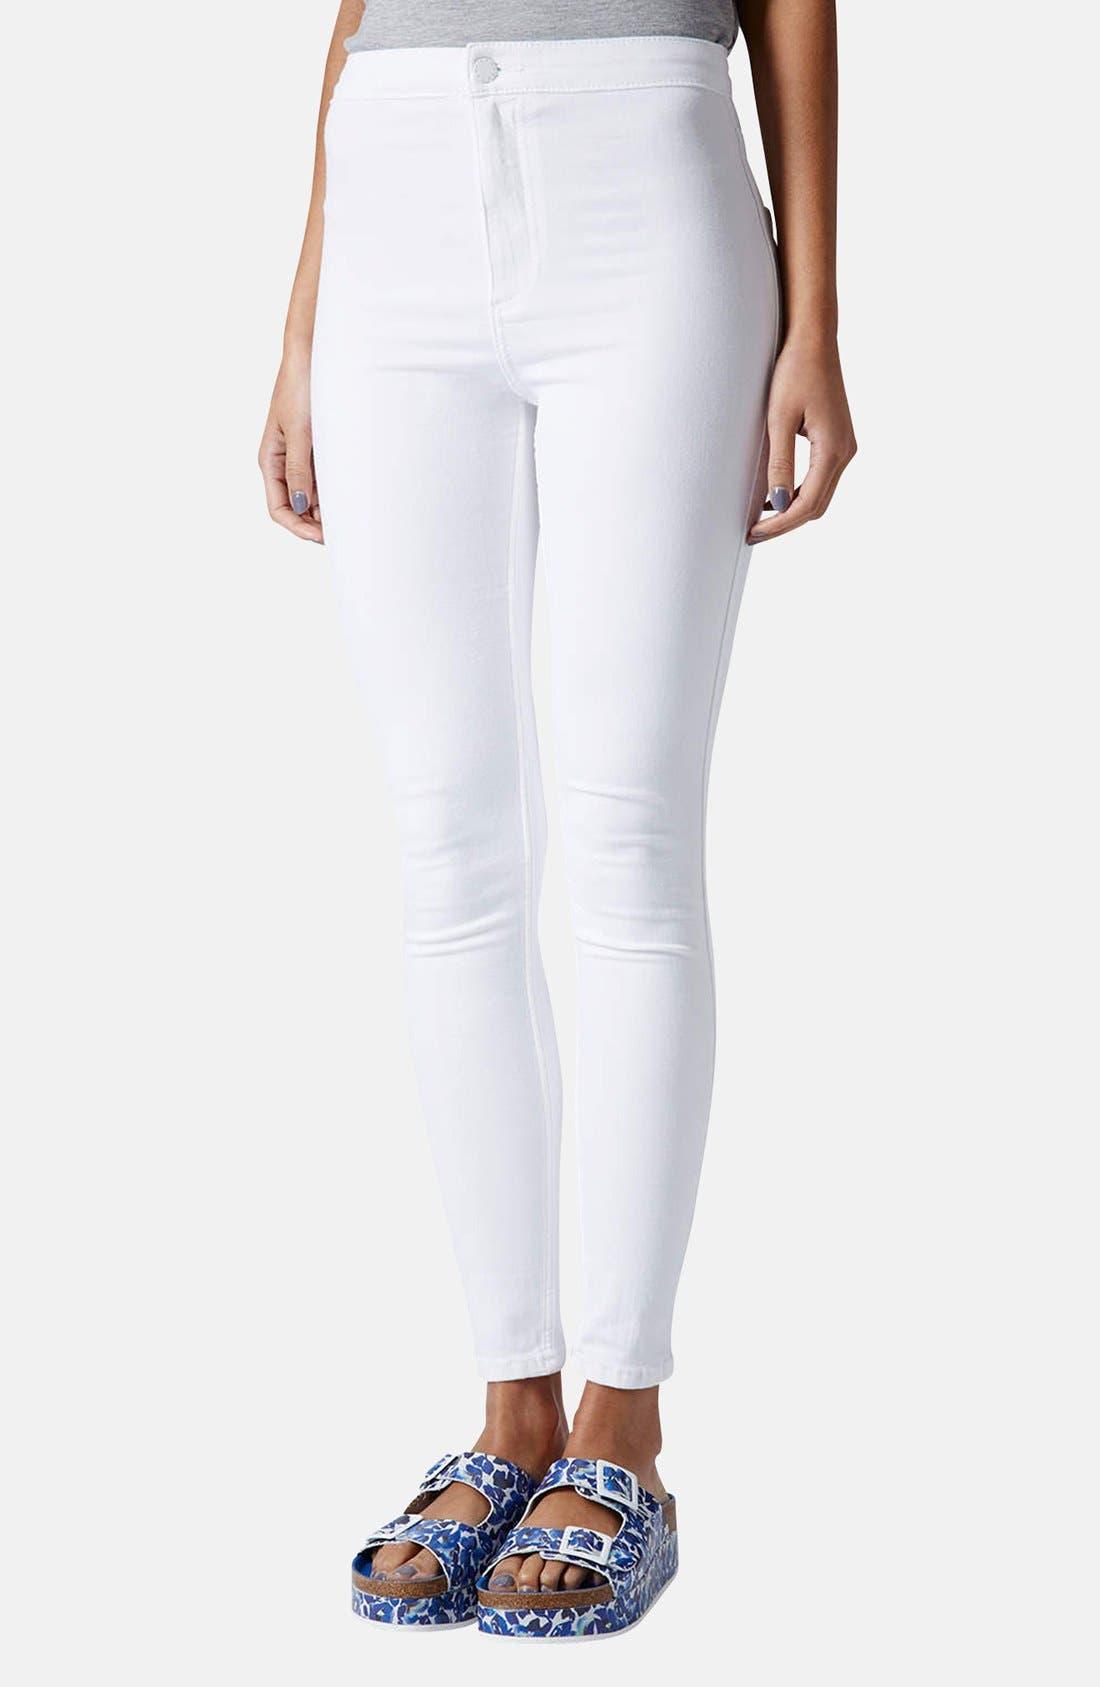 Alternate Image 1 Selected - Topshop Moto 'Joni' High Rise Skinny Jeans (Regular & Long)